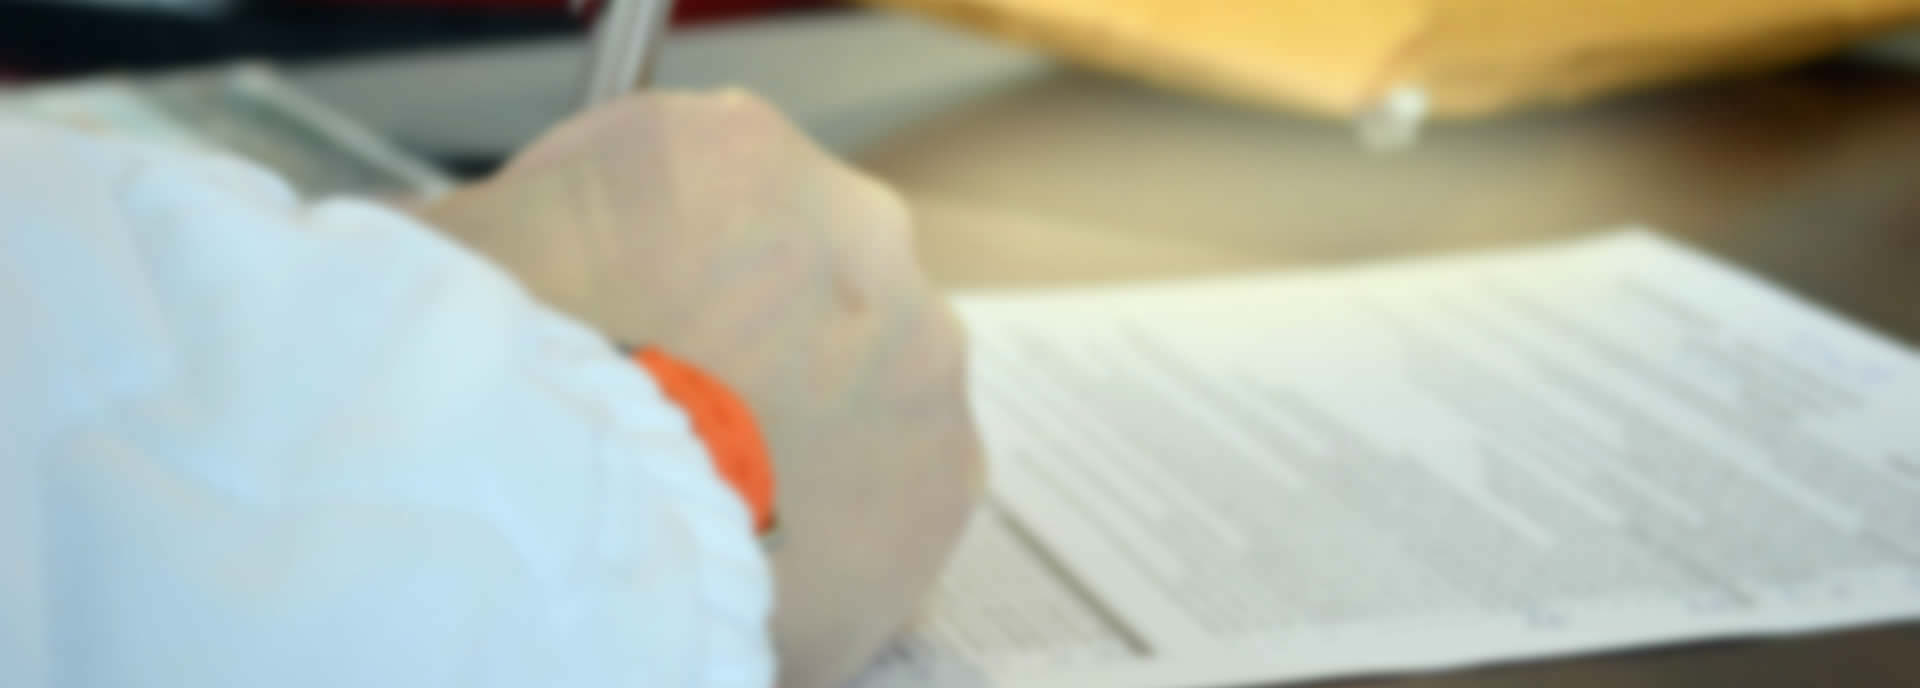 合同及债权债务法律风险管理